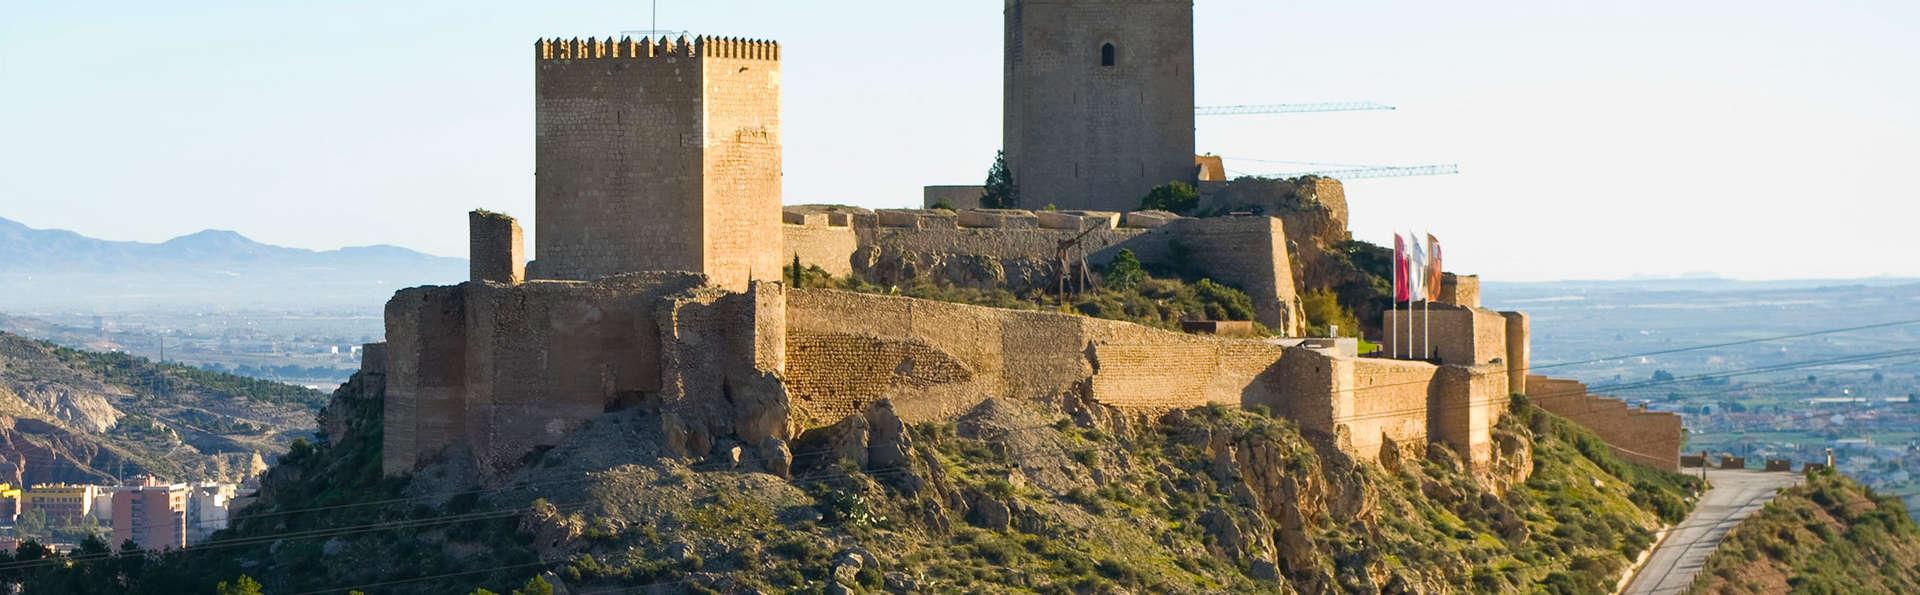 Hotel Jardines de Amaltea - EDIT_castillolorca1.jpg